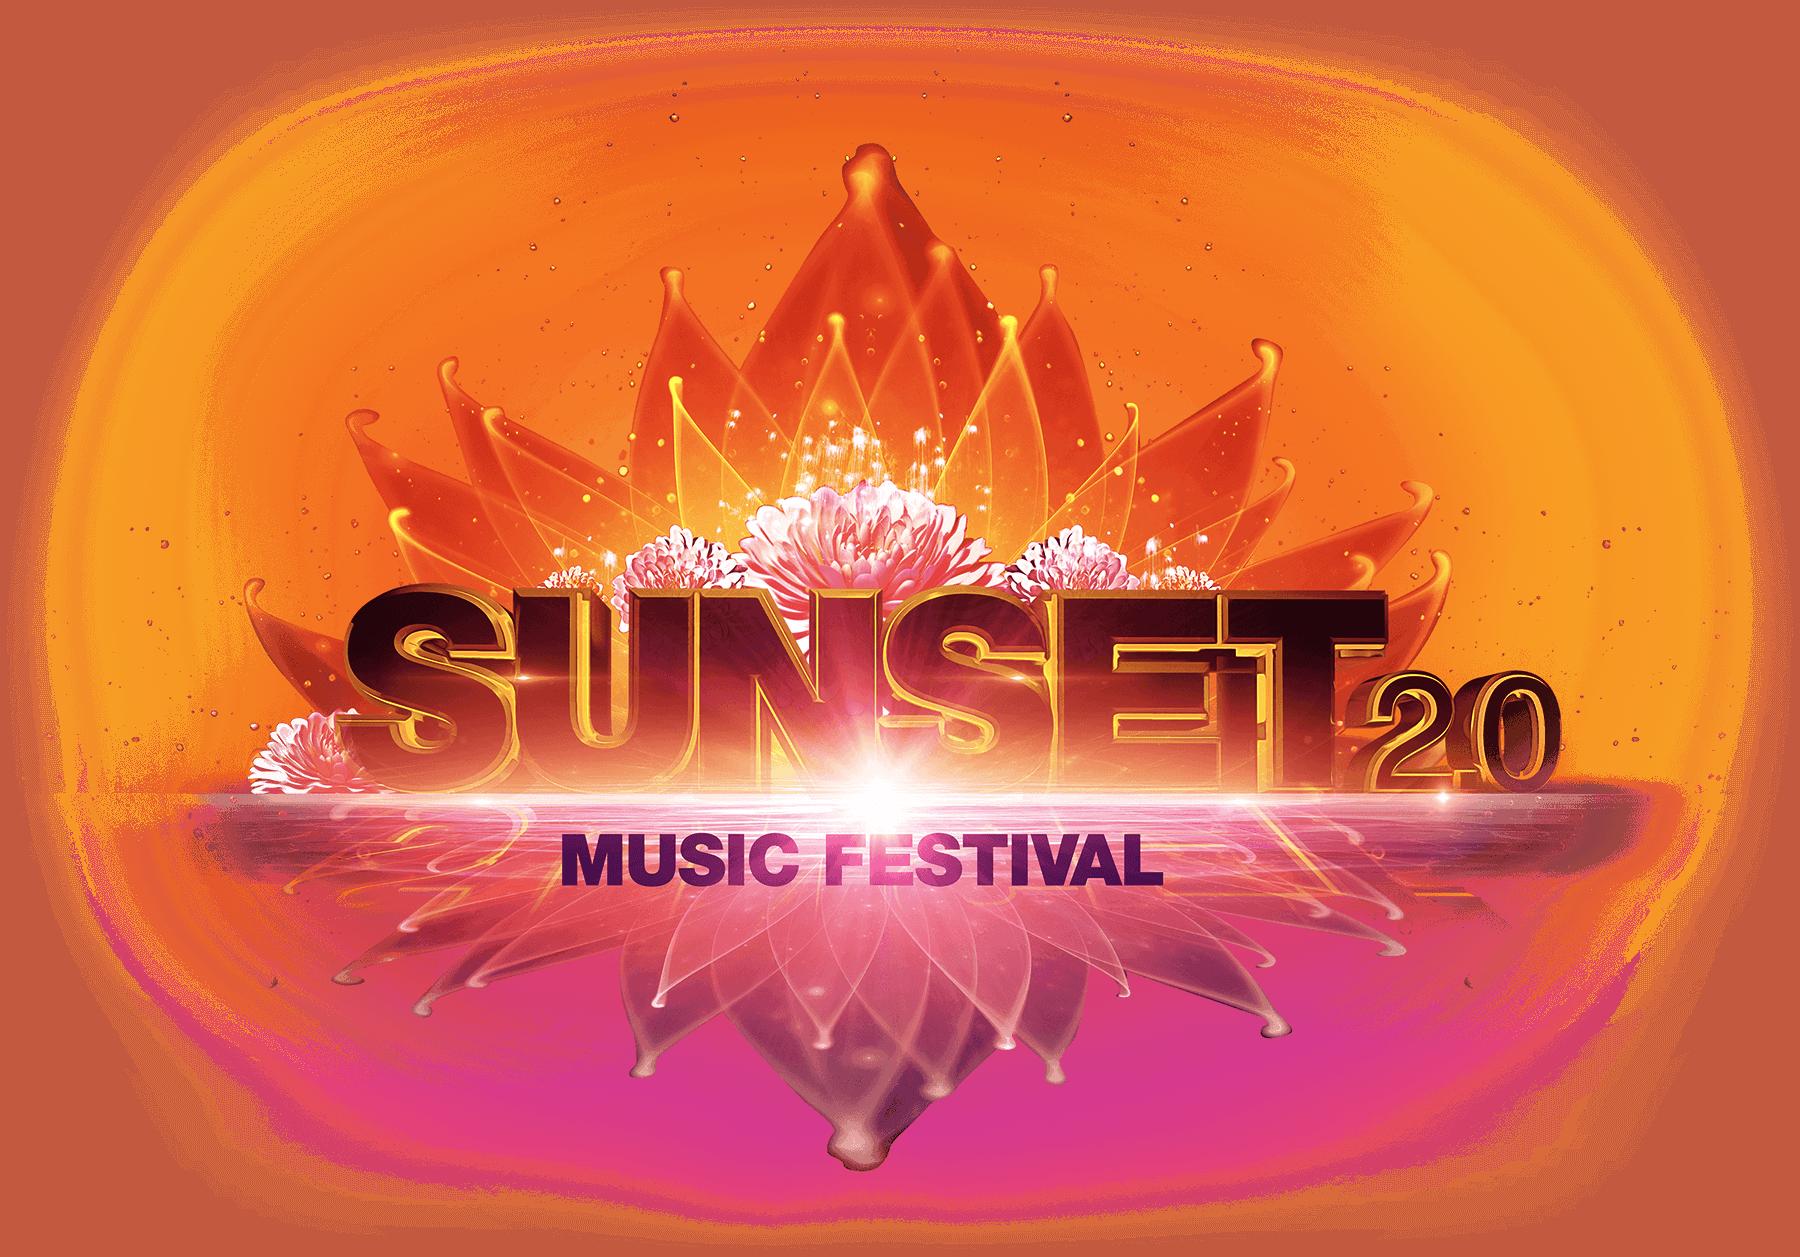 Sunset Music Festival 2020 logo